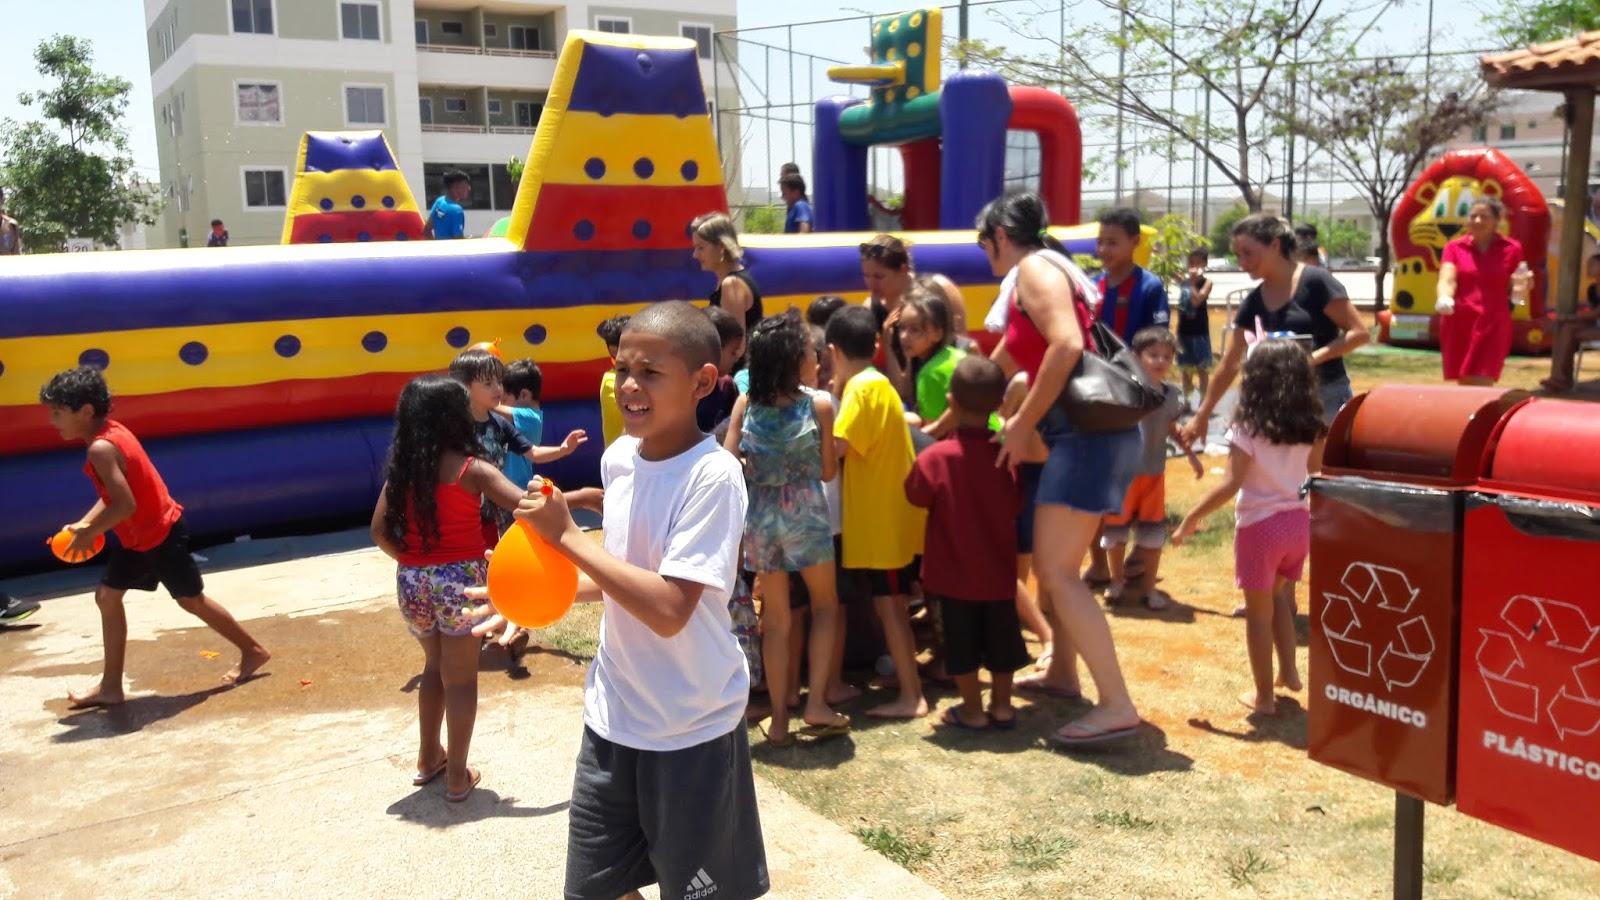 20181012 112636 - 12 de outubro teve festa para as crianças no Jardins Mangueiral